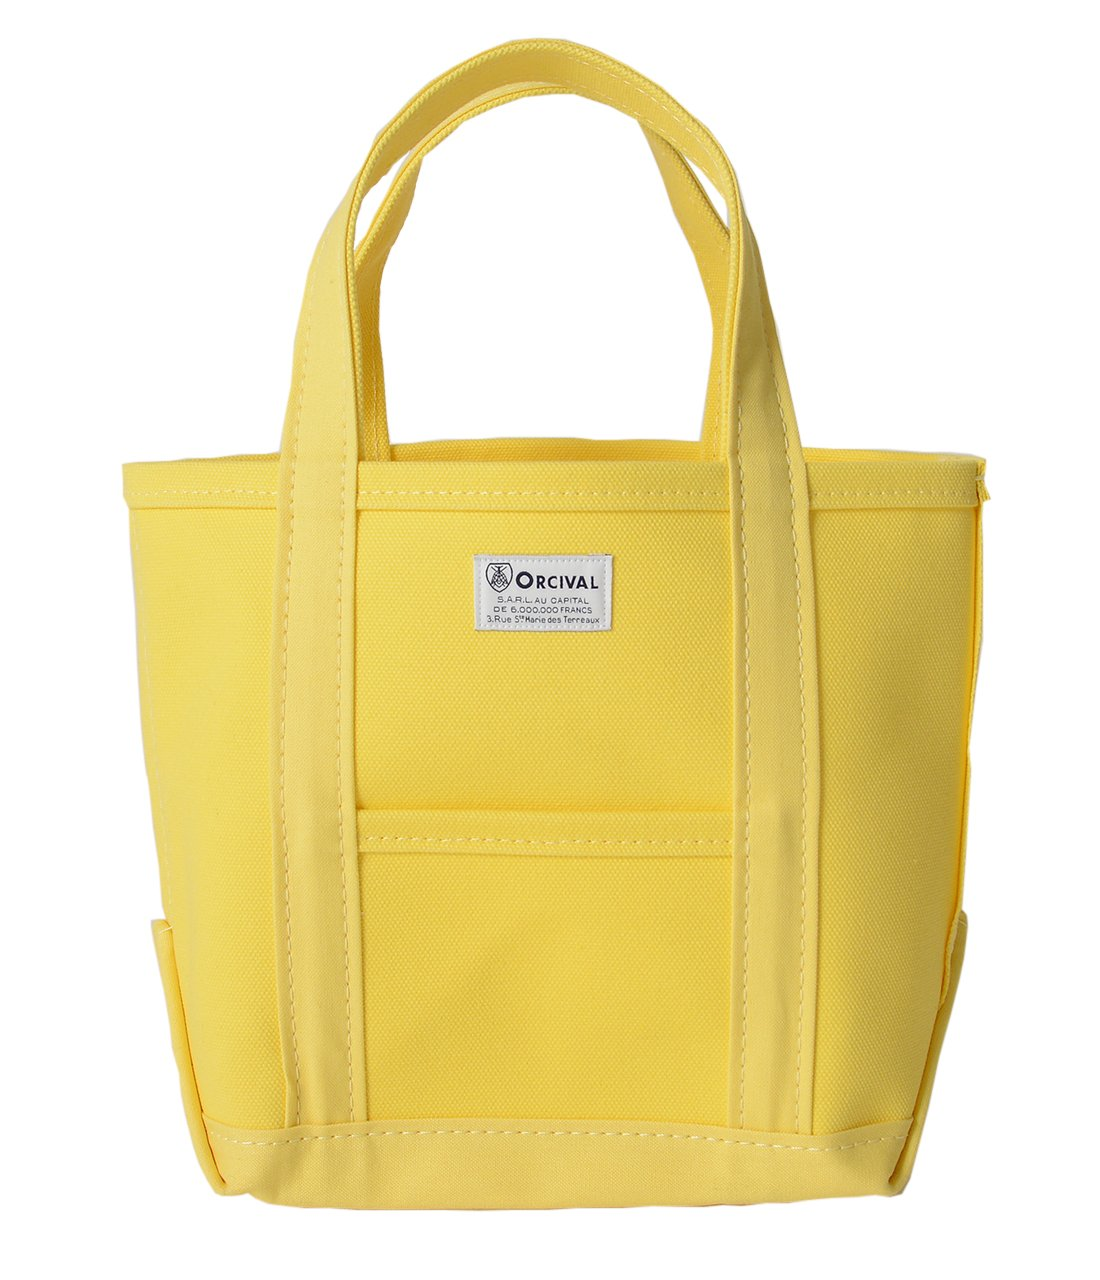 (オーシバル/オーチバル) ORCIVAL コットンキャンバス ミニトートバッグrc-7060hvc レディース B079R9GJKM yellow×yellow yellow×yellow